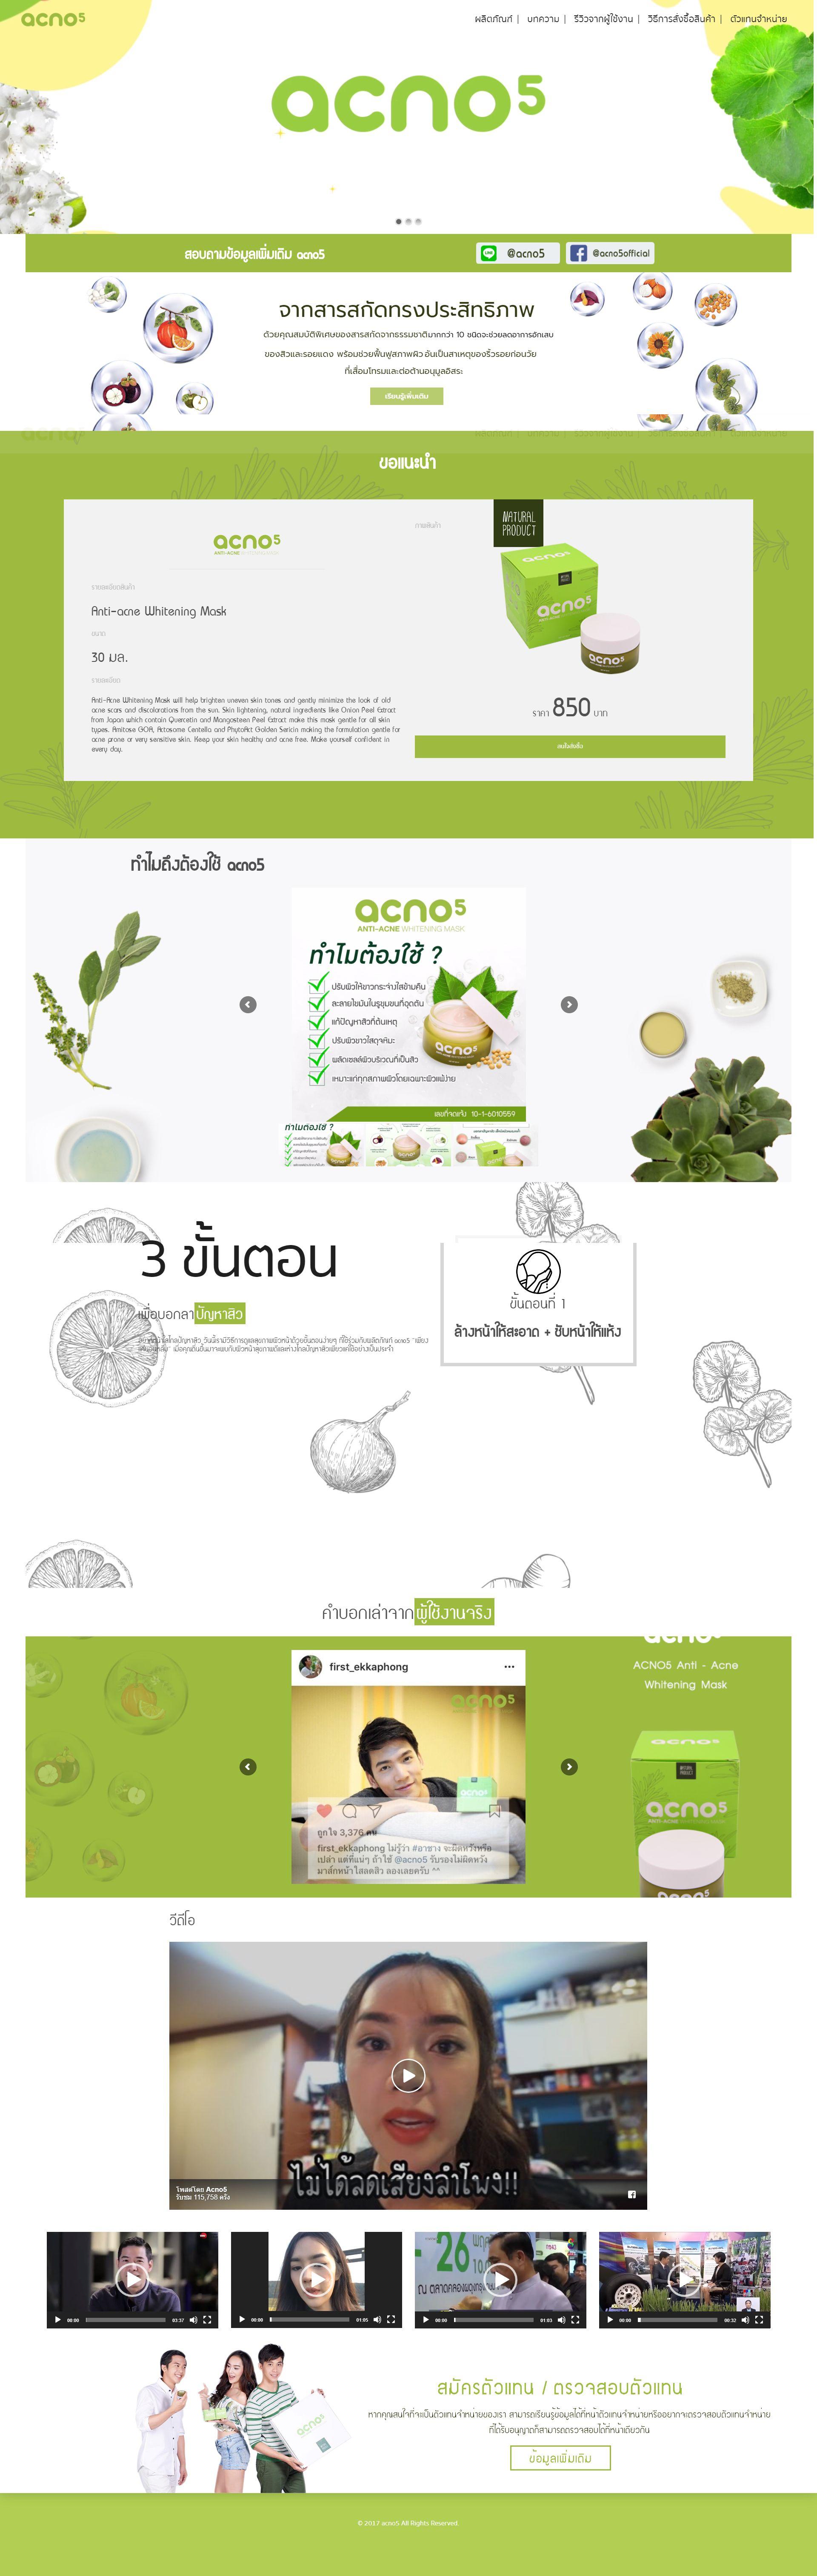 acno5.com